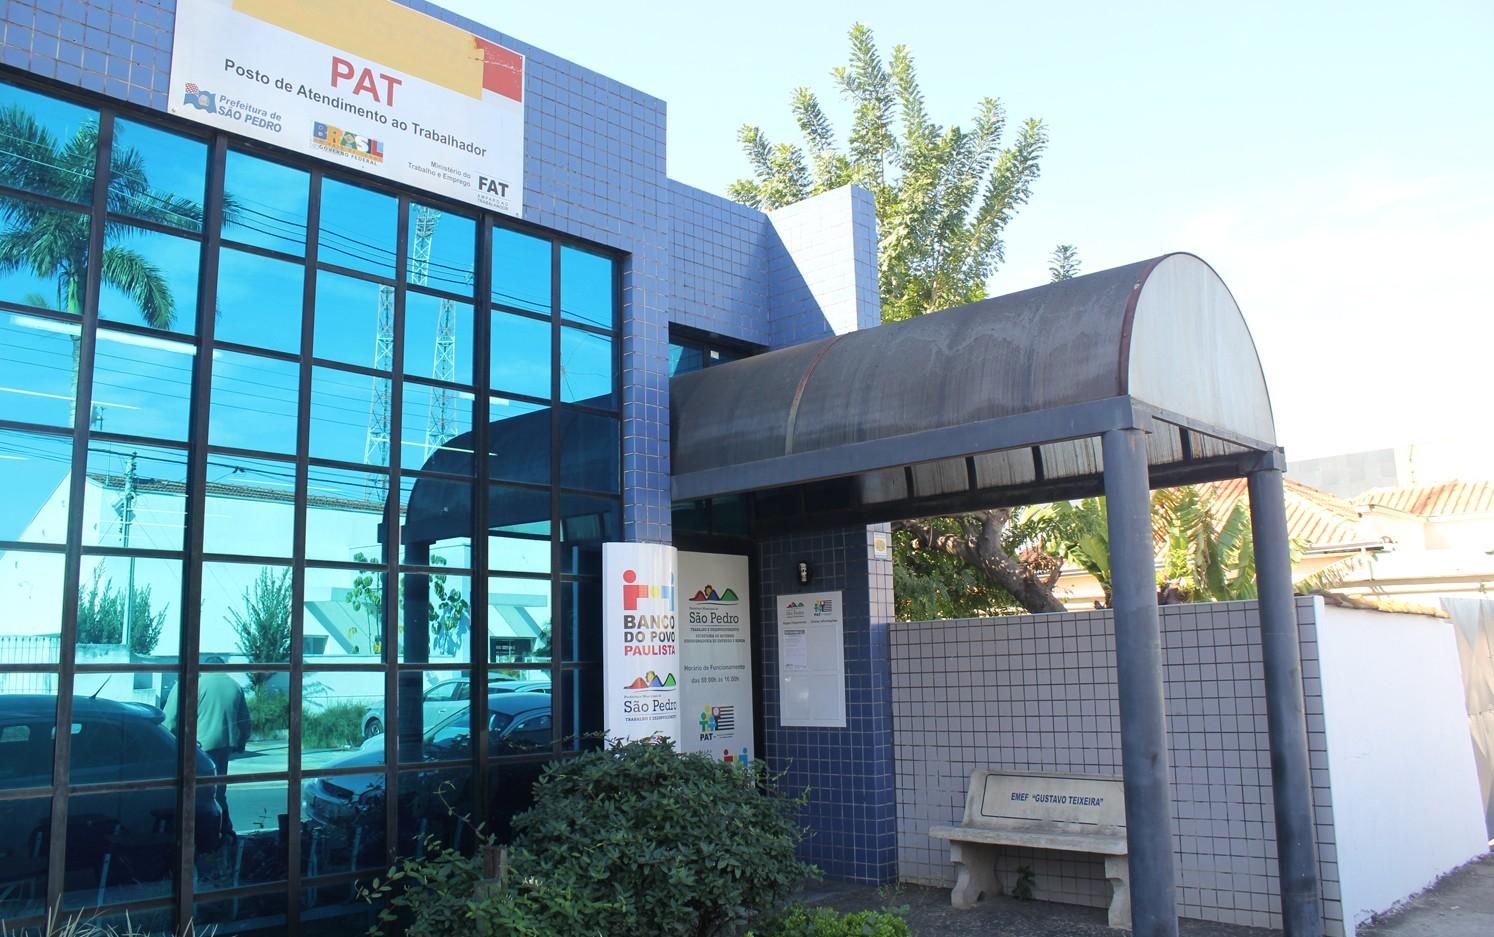 PAT de São Pedro oferece vagas de emprego com salários de até R$ 4 mil